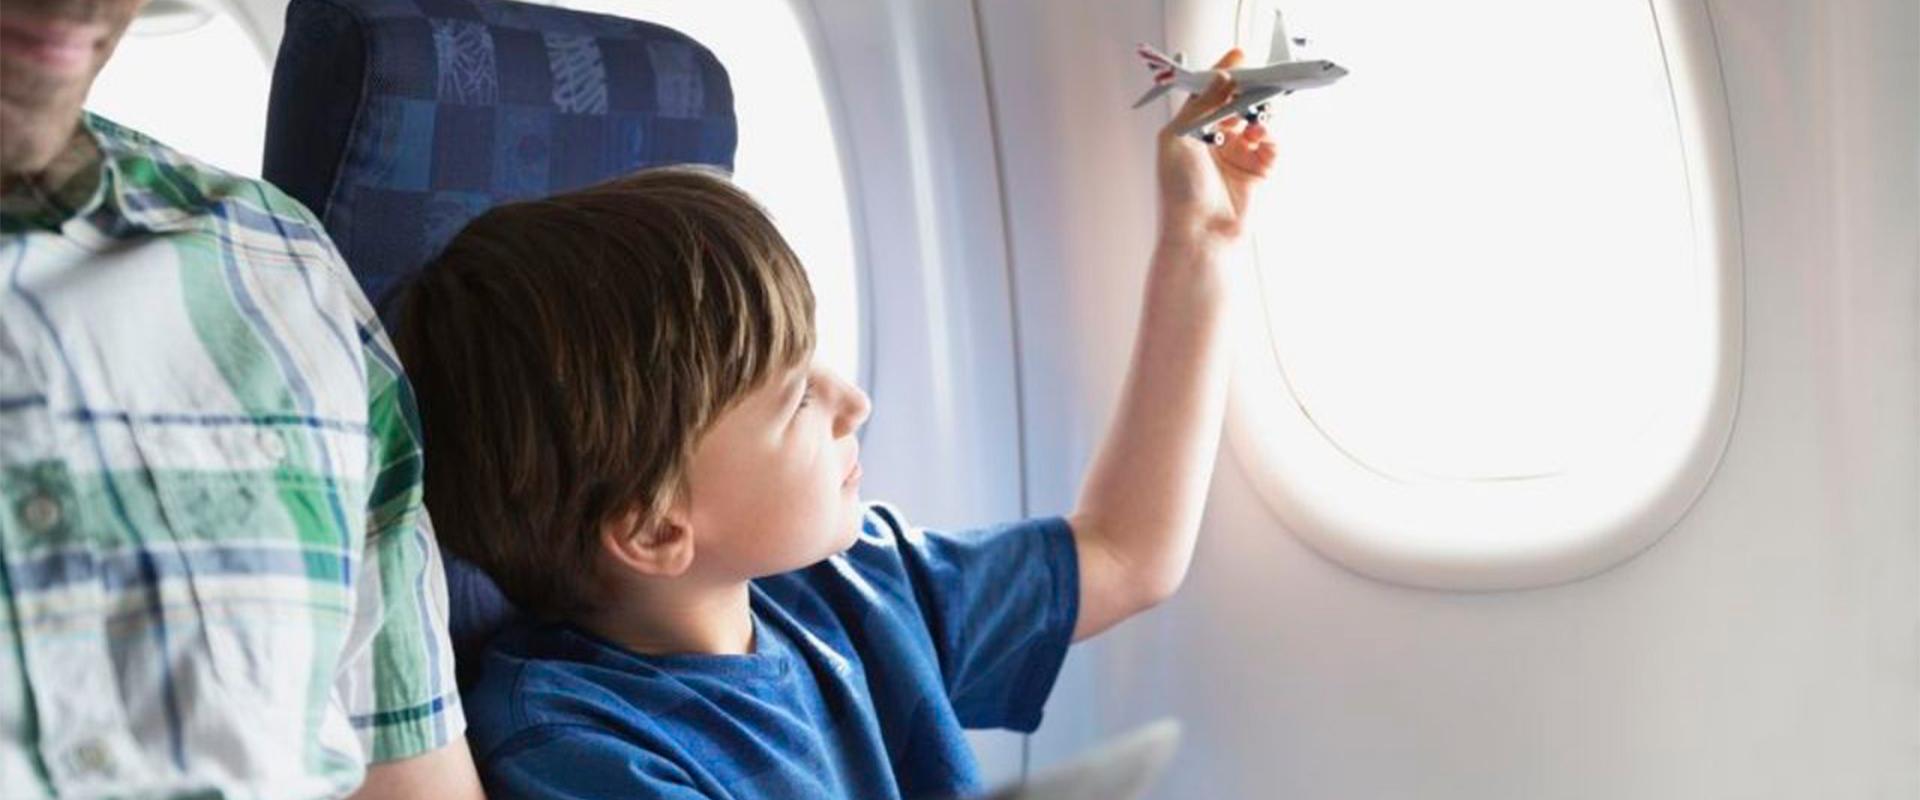 Consejos antes de salir de viaje con niños